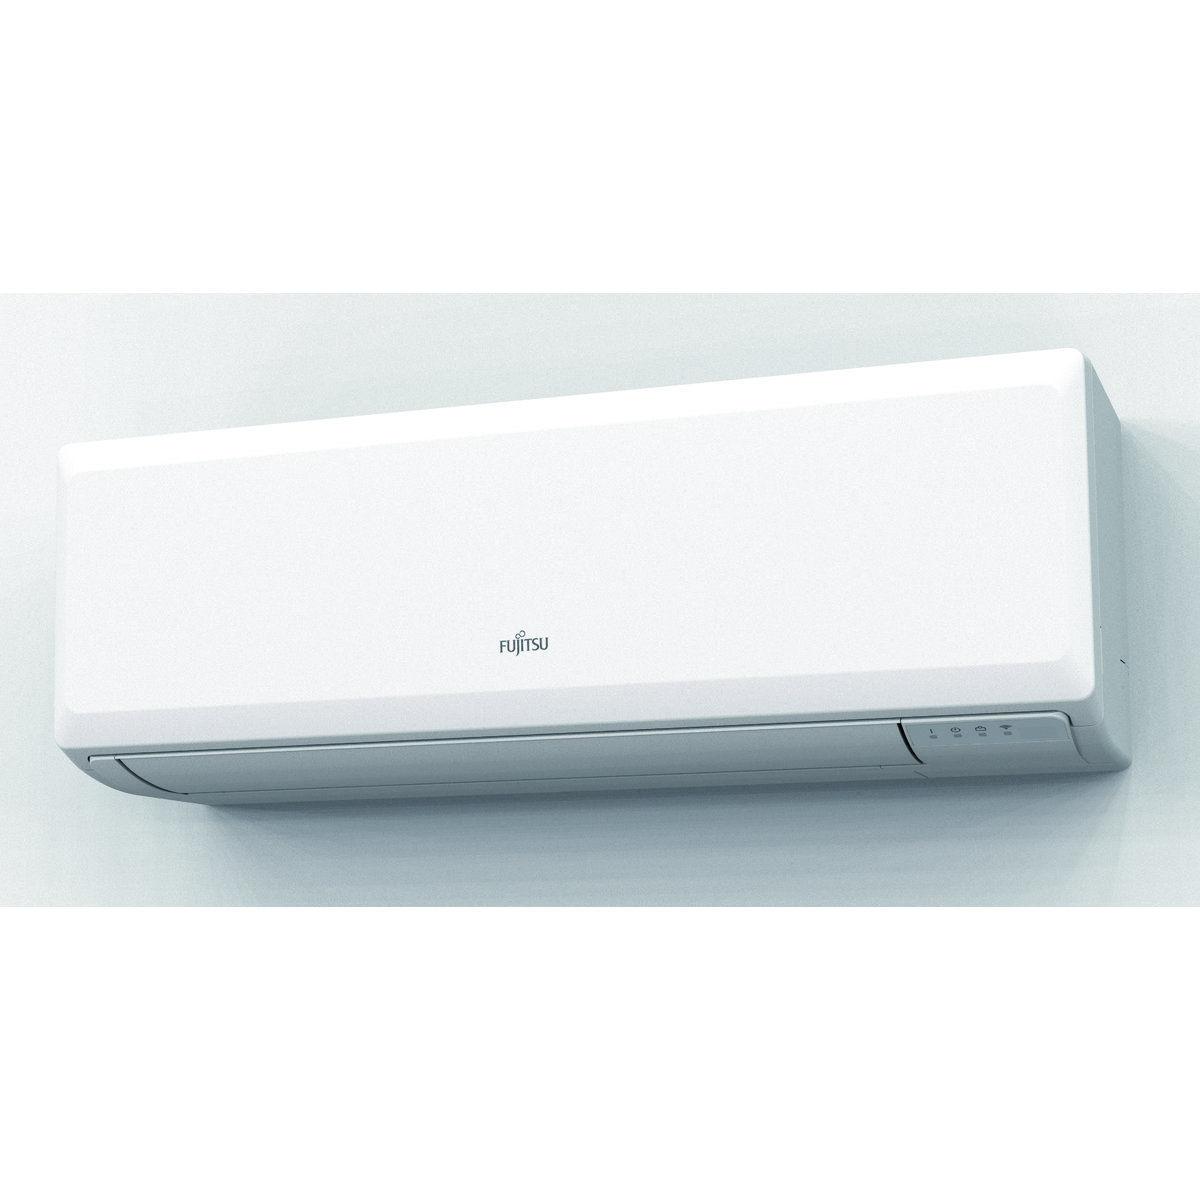 FUJITSU ASYG09KPCA/AOYG09KPCA Inverter Κλιματιστικό-50% Έκπτωση!